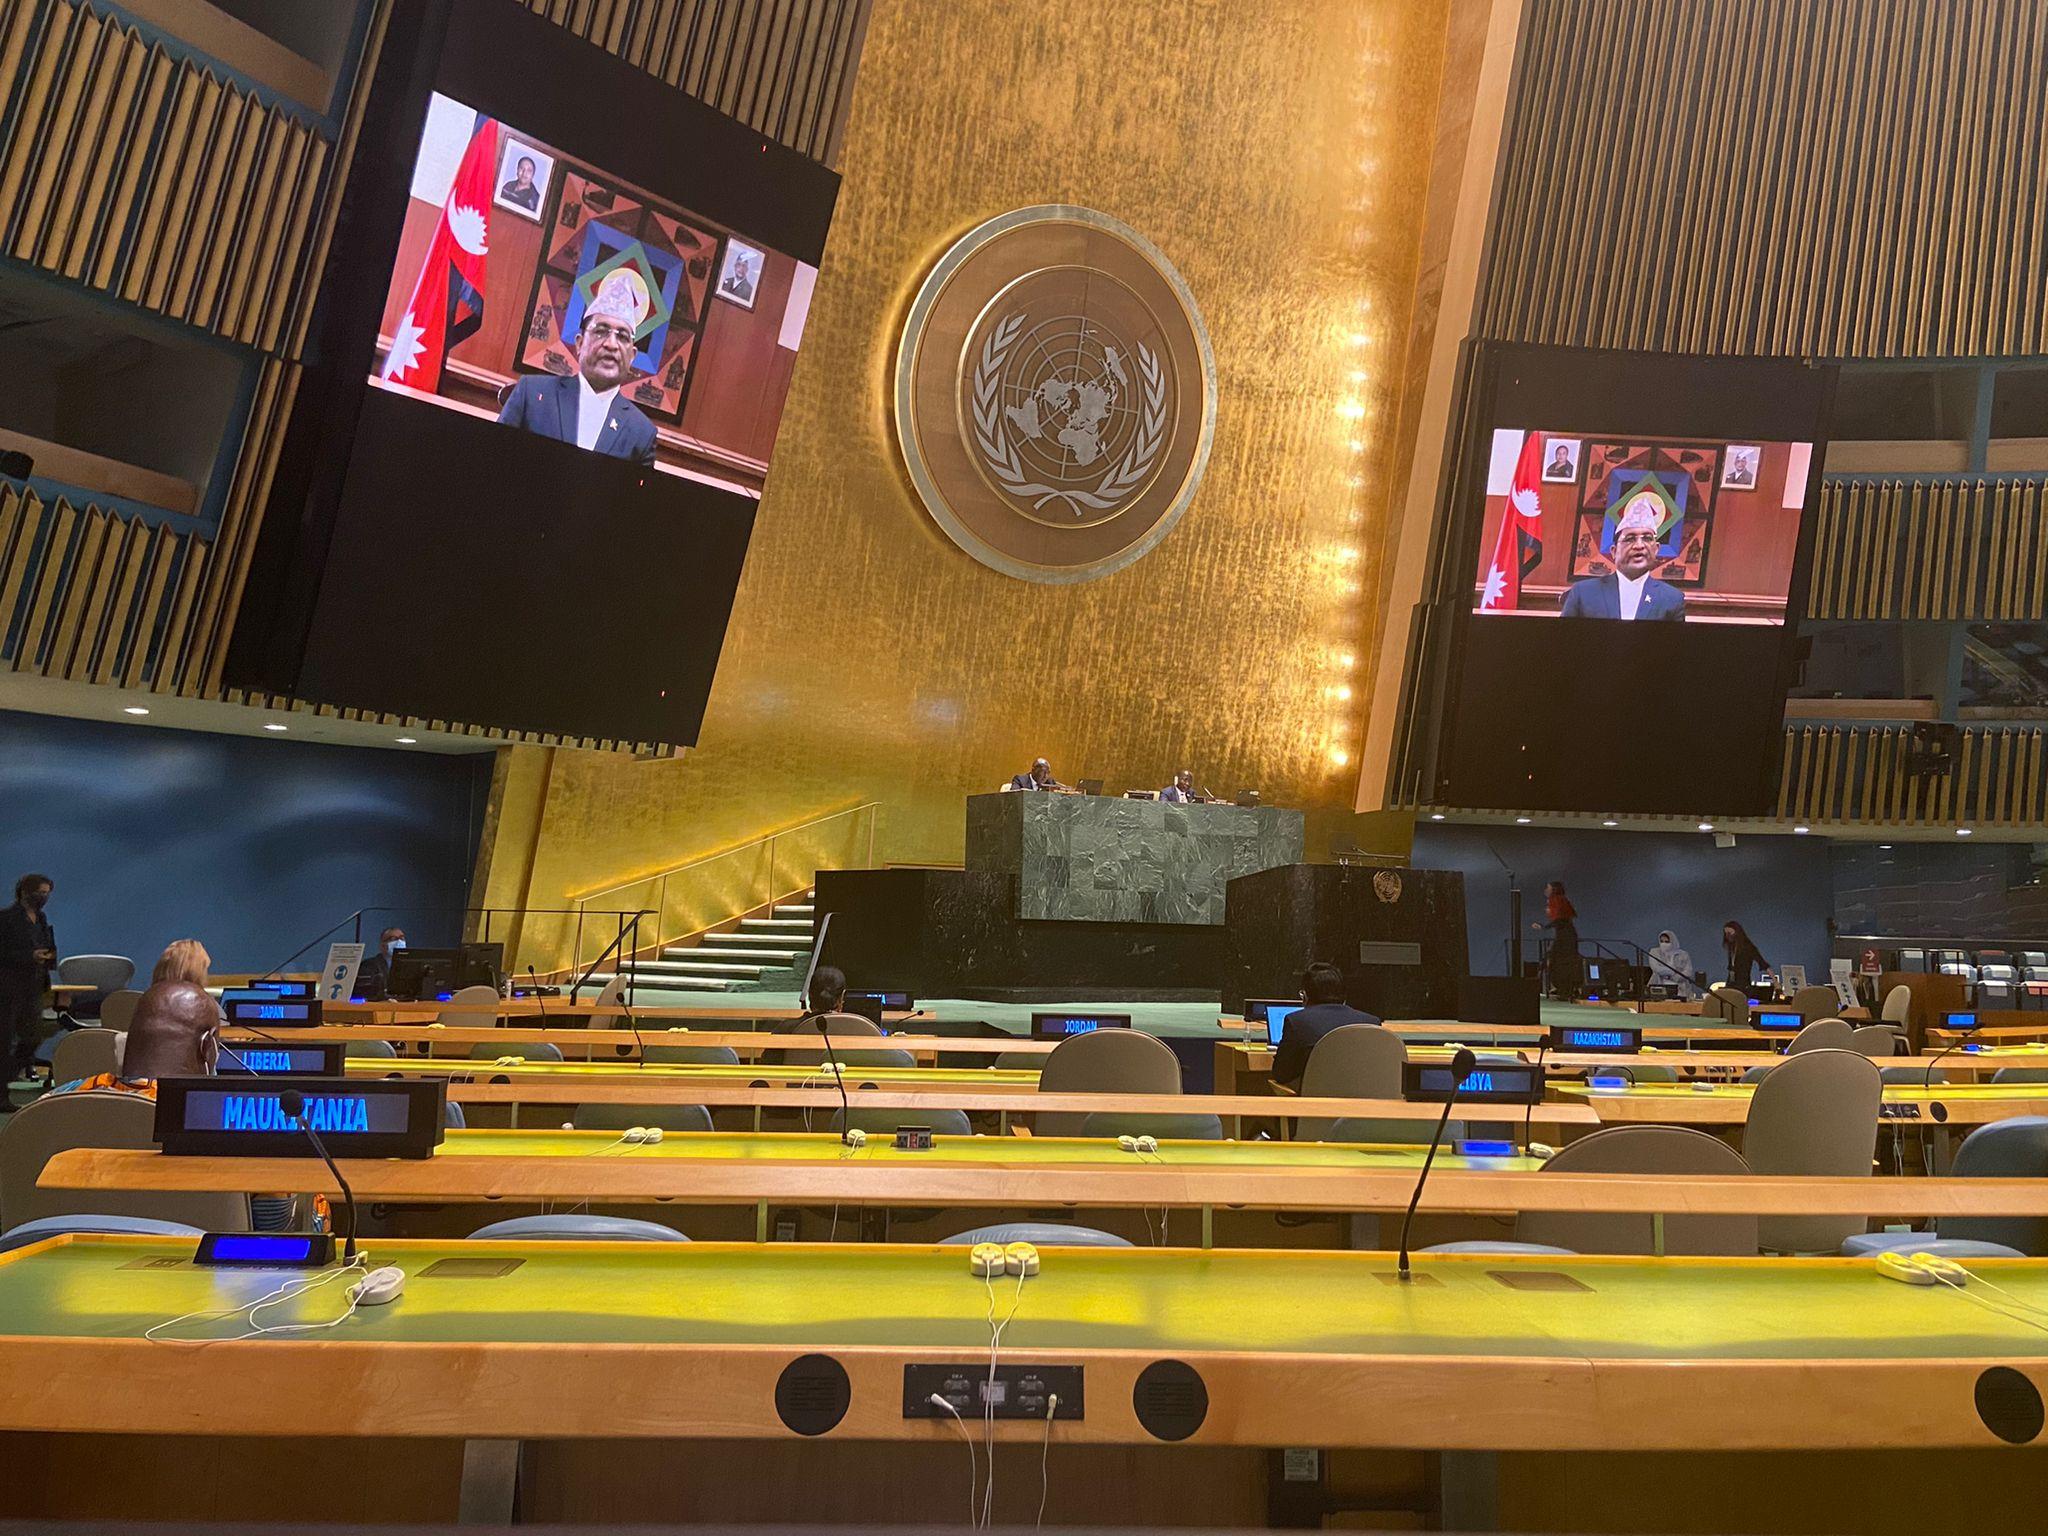 राष्ट्रसंघीय बैठकलाई परराष्ट्रमन्त्रीको सम्बोधन : आर्थिक सहायताको प्रतिबद्धता पुरा गर्न विदेशी साझेदारहरुलाई ध्यानाकर्षण